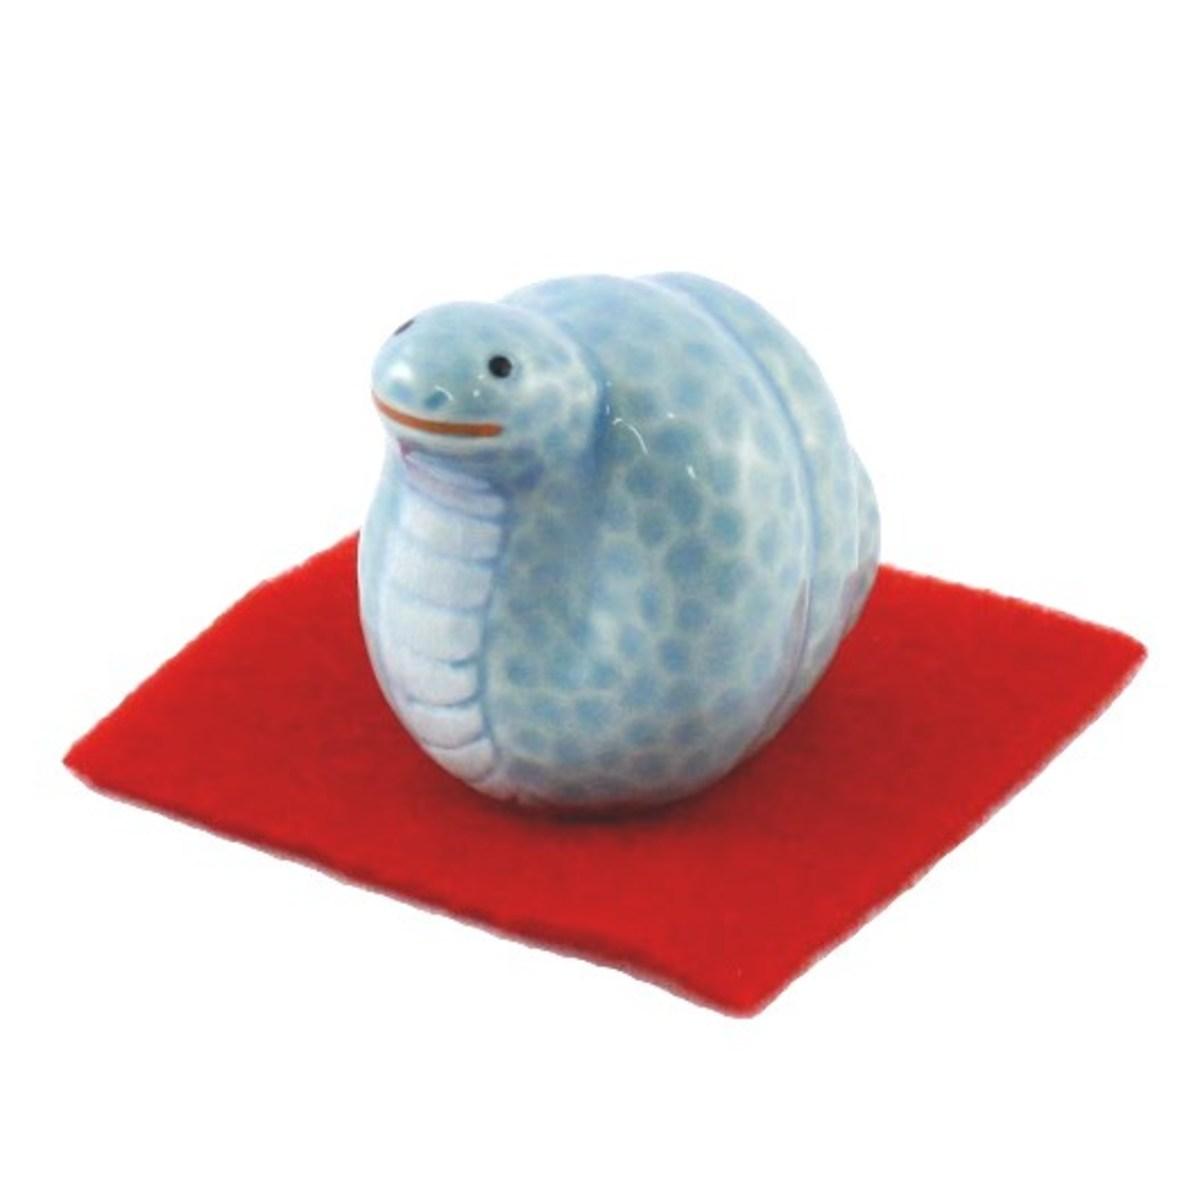 Japanese ceramic snake ornament.